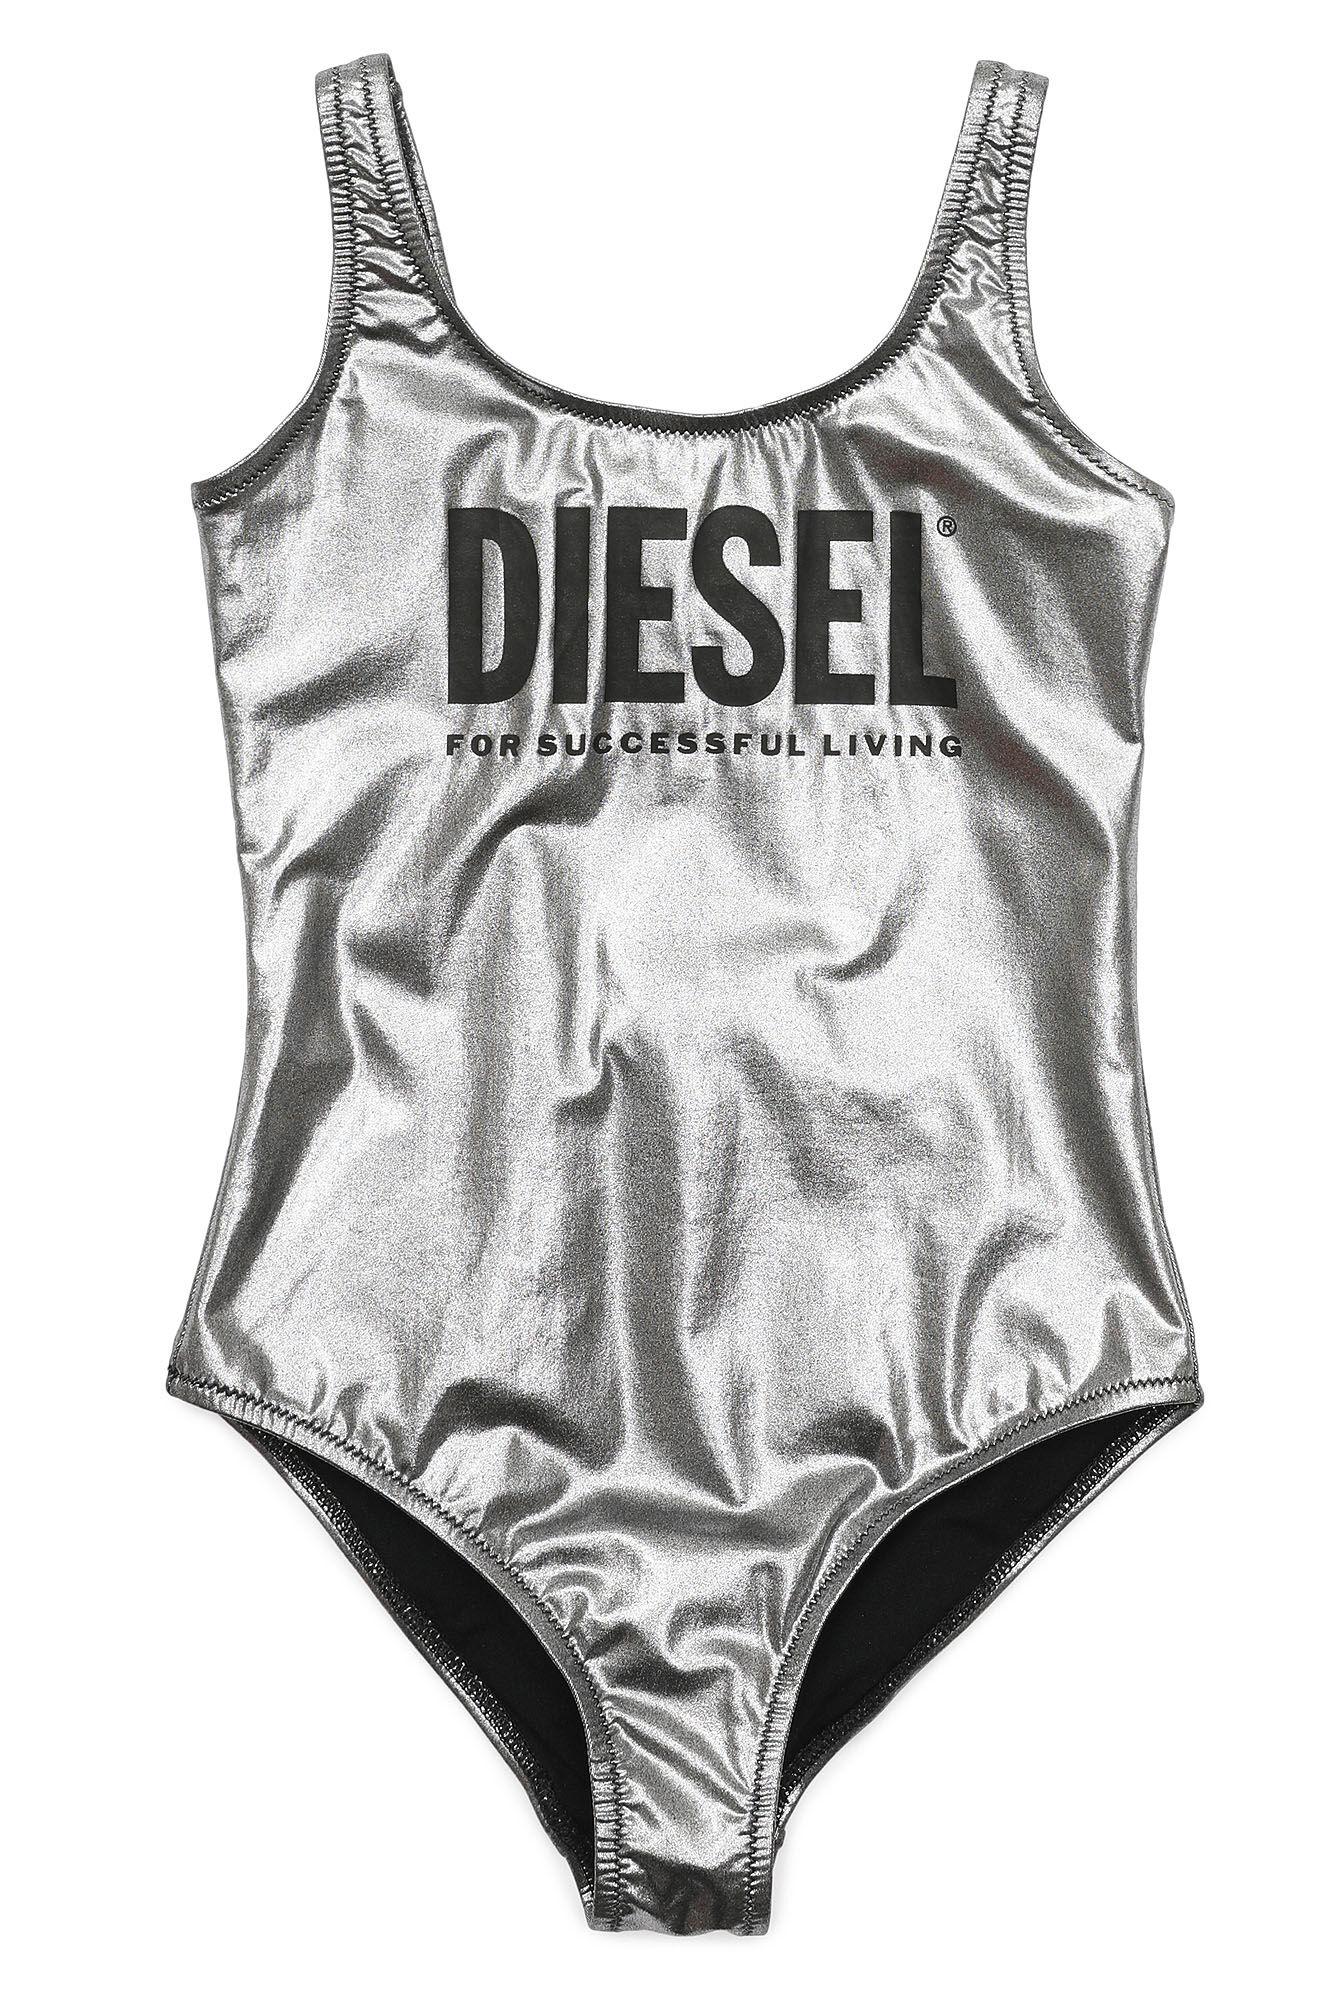 Miam Kid Beachwear - Diesel Kid